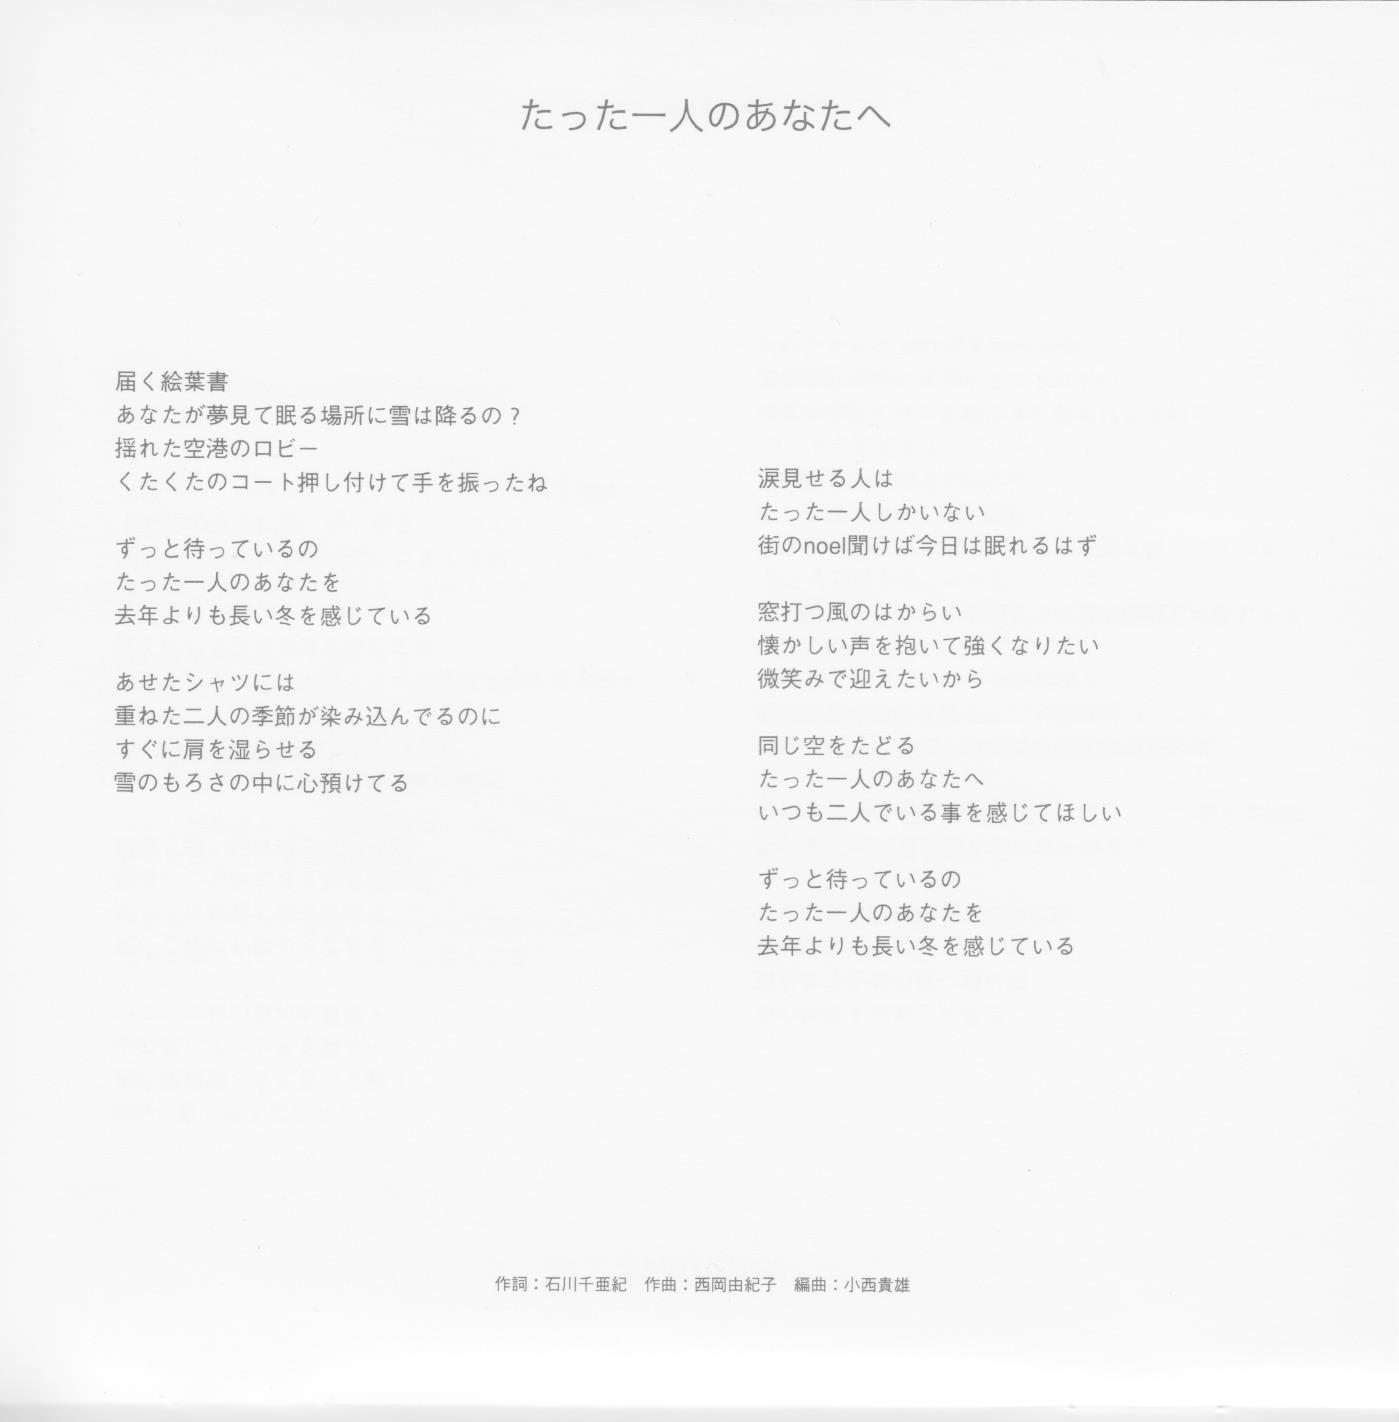 Tatta-Hitori-no-Anata-e-eb.jpg